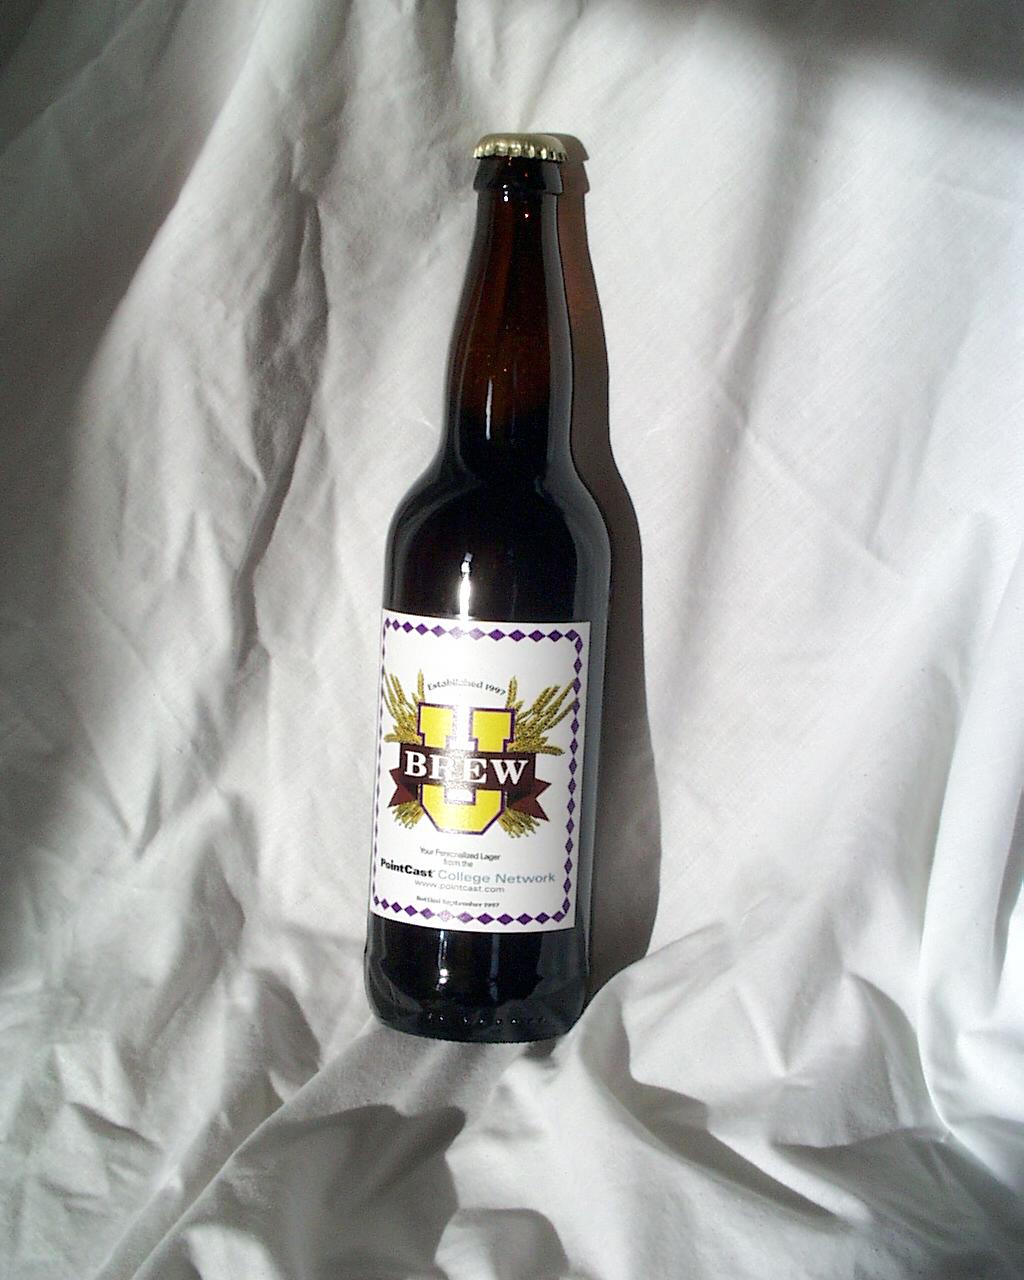 Label on Beer Bottle